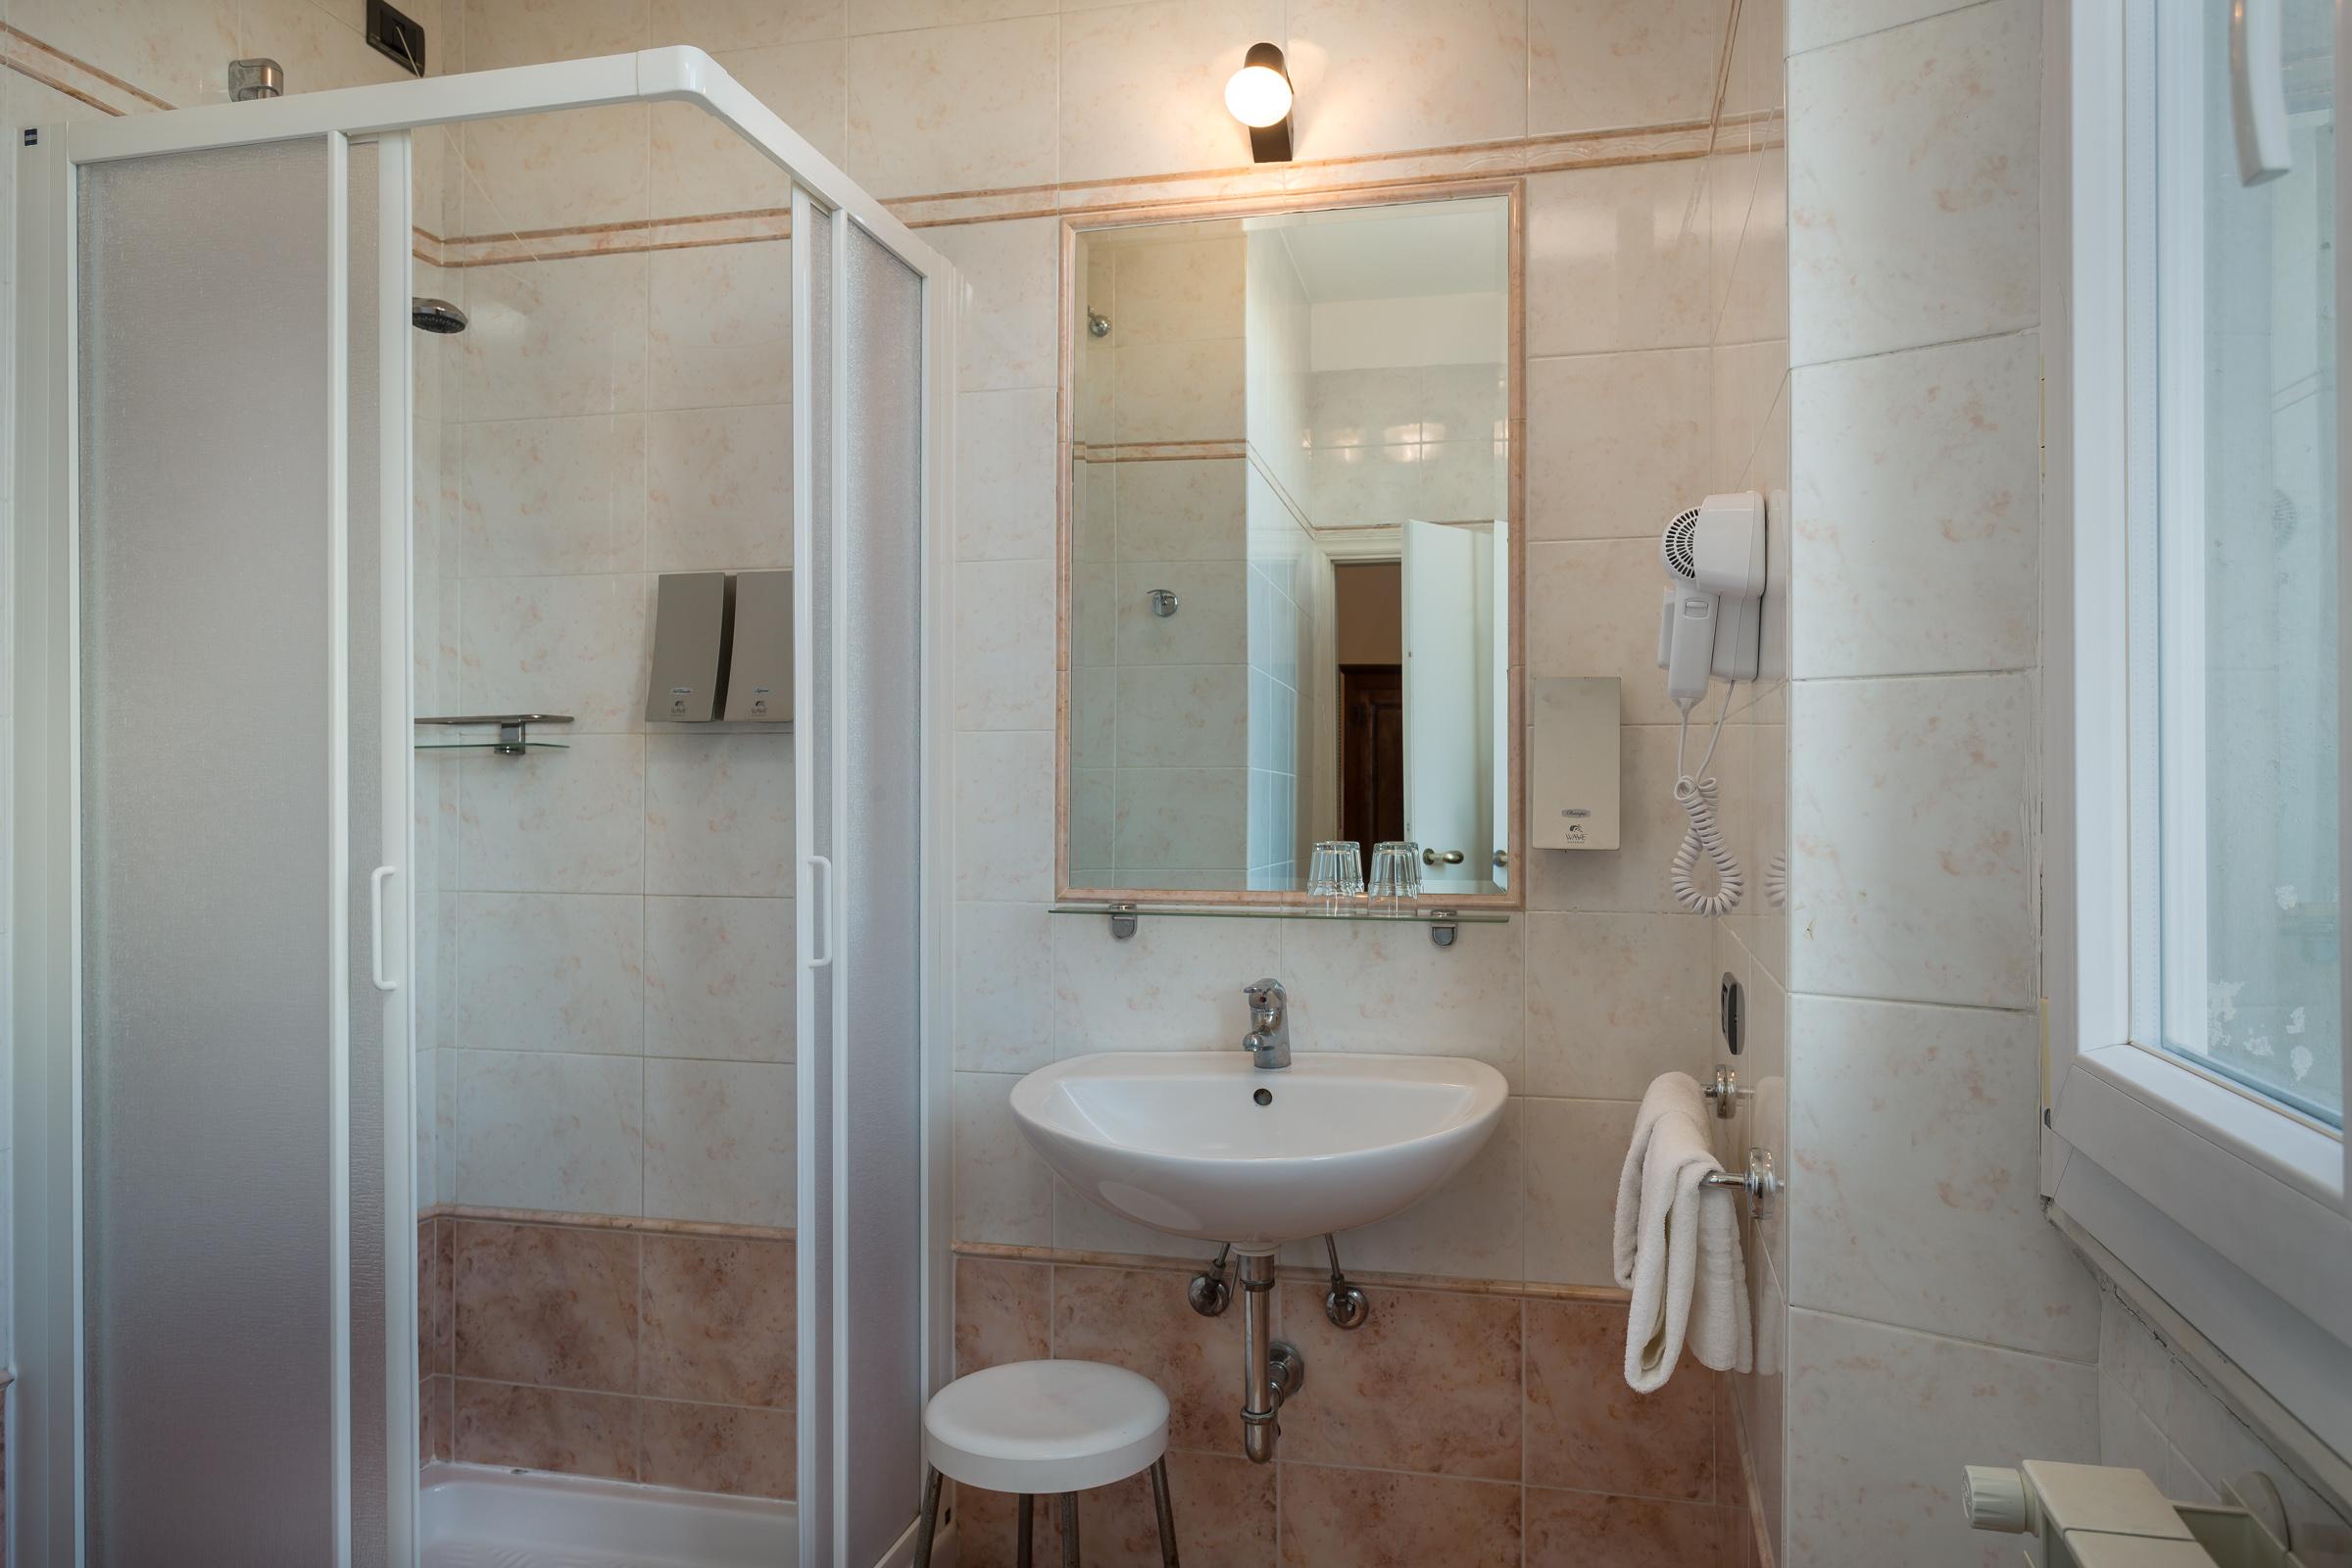 camera-matrimoniale-bagno-specchio